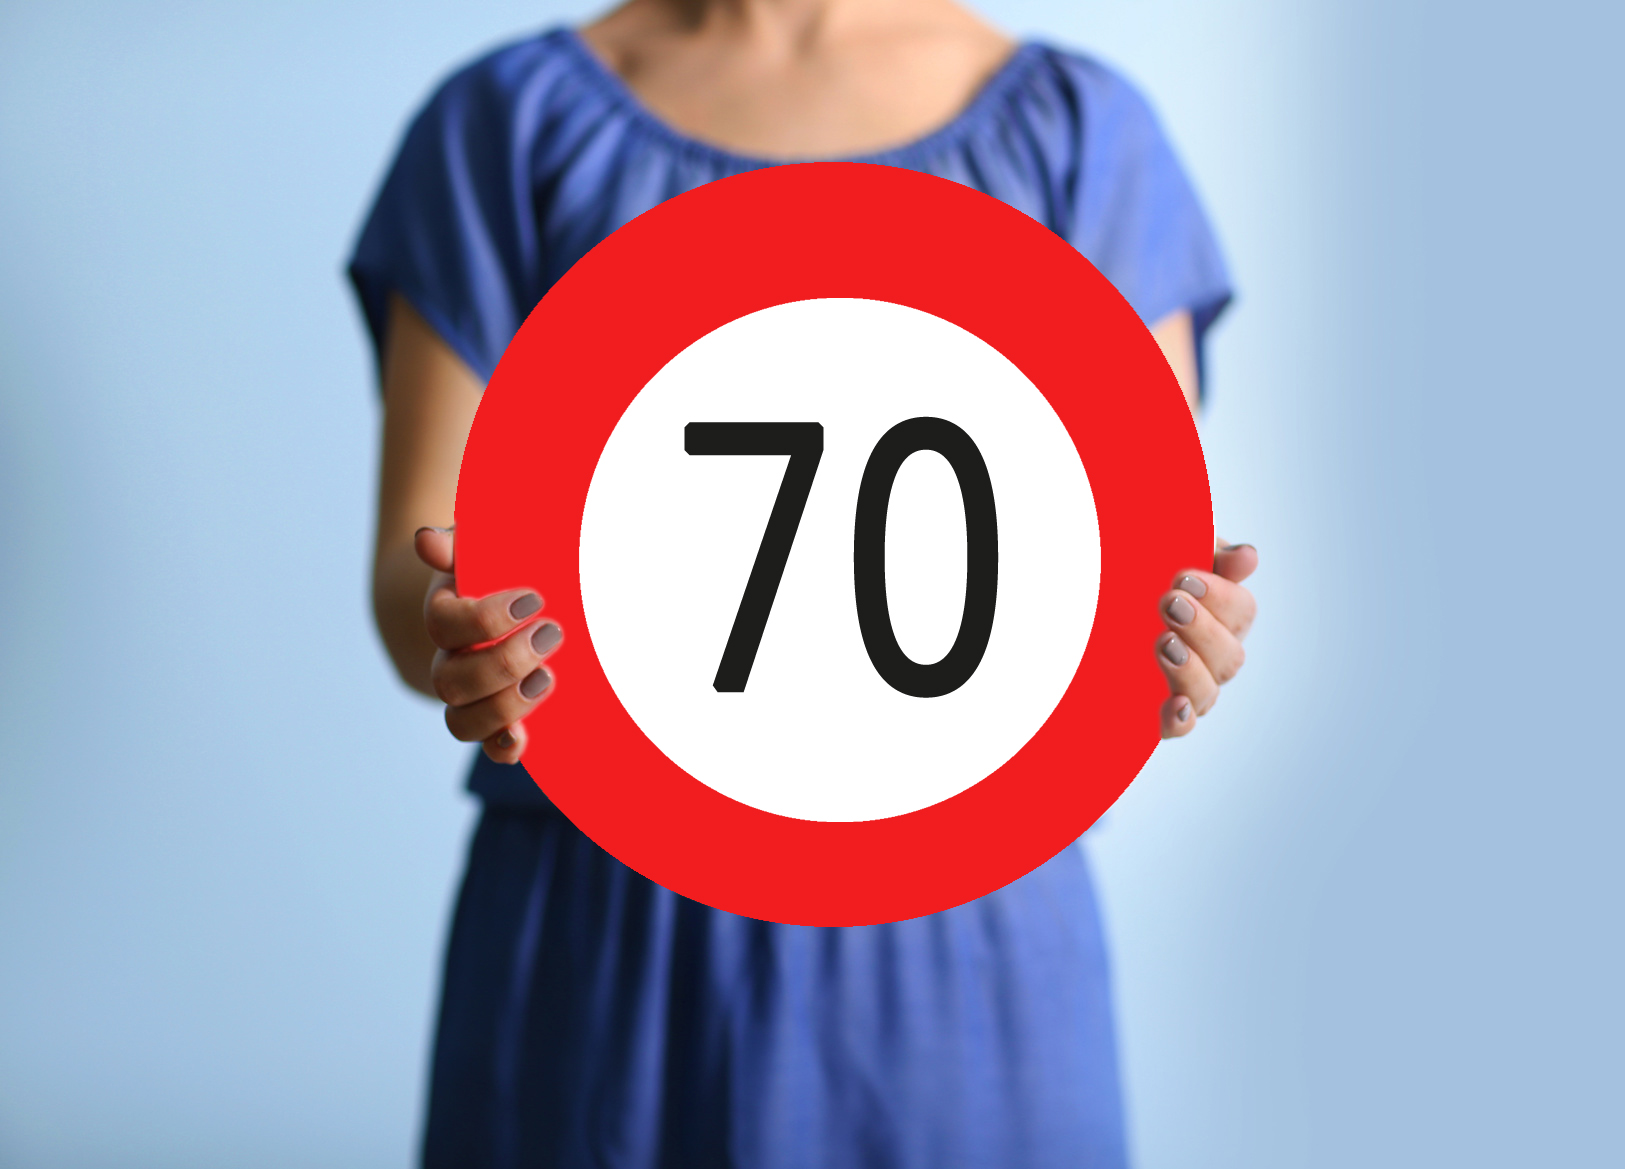 Happy Birthday Zum 70. Geburtstag. Die Verkehrstafel Ist Aus Festem Karton  (2 Mm